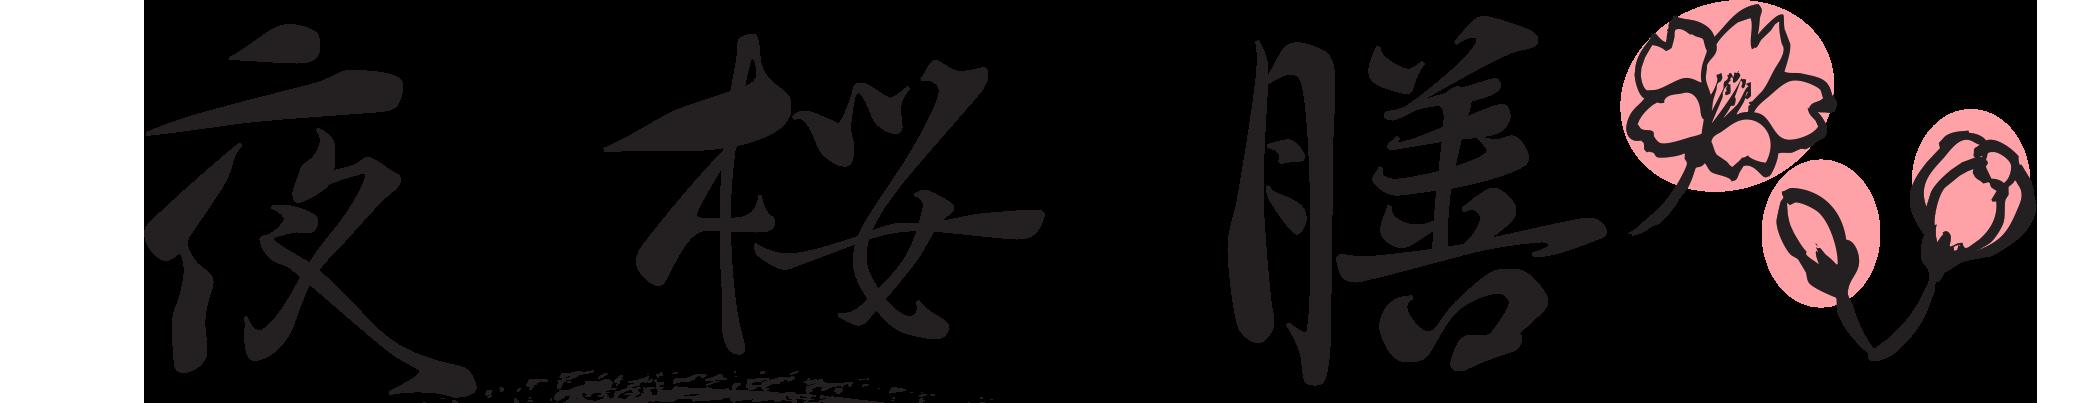 夜桜膳ロゴ